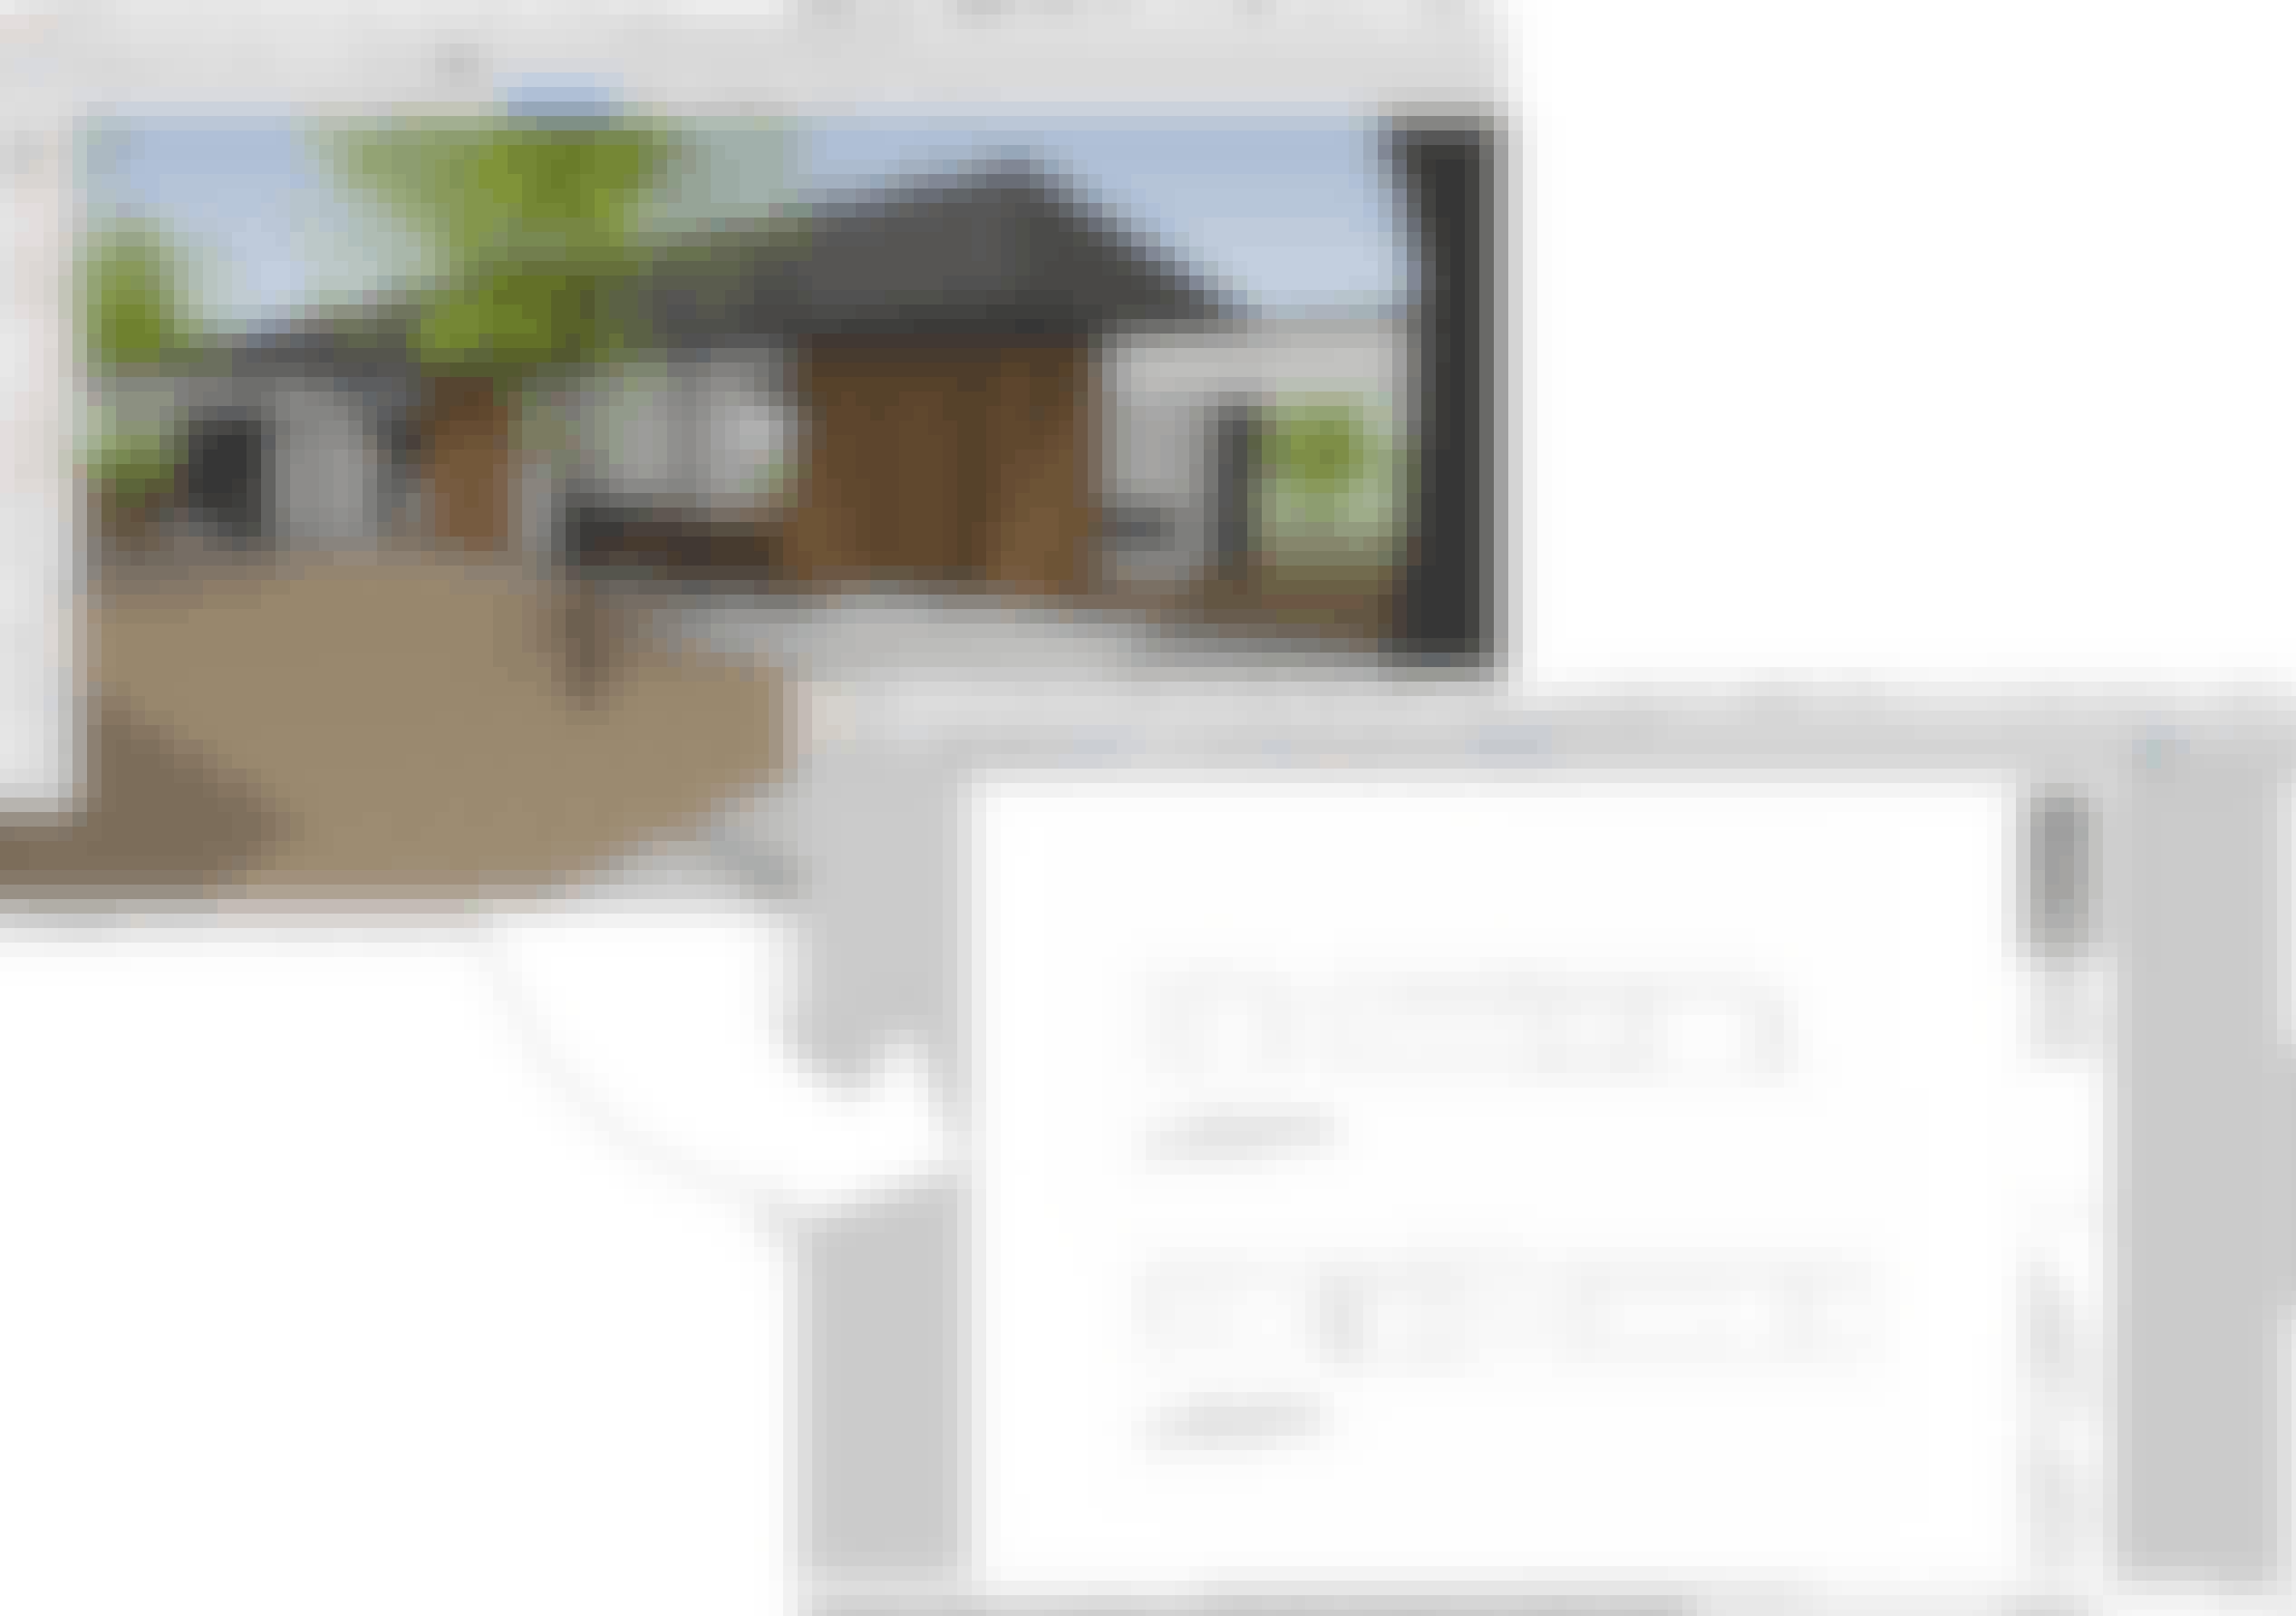 sketchup model to 2d presentation